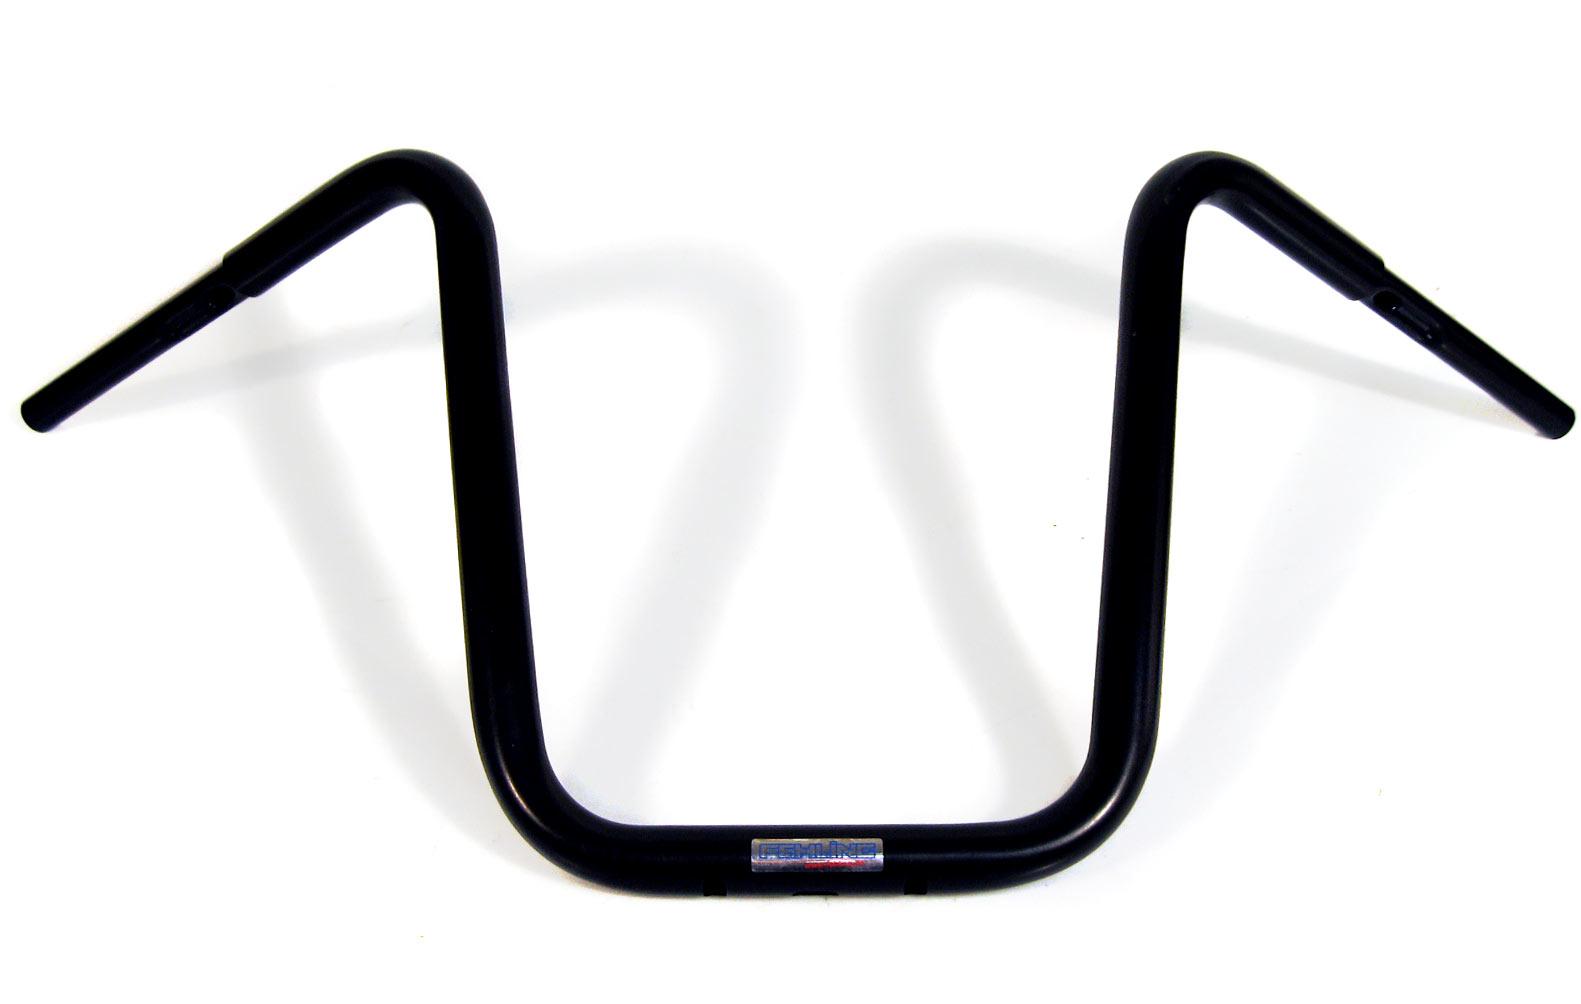 fehling ape hanger lenker x 30cm schwarz f r h d ab. Black Bedroom Furniture Sets. Home Design Ideas